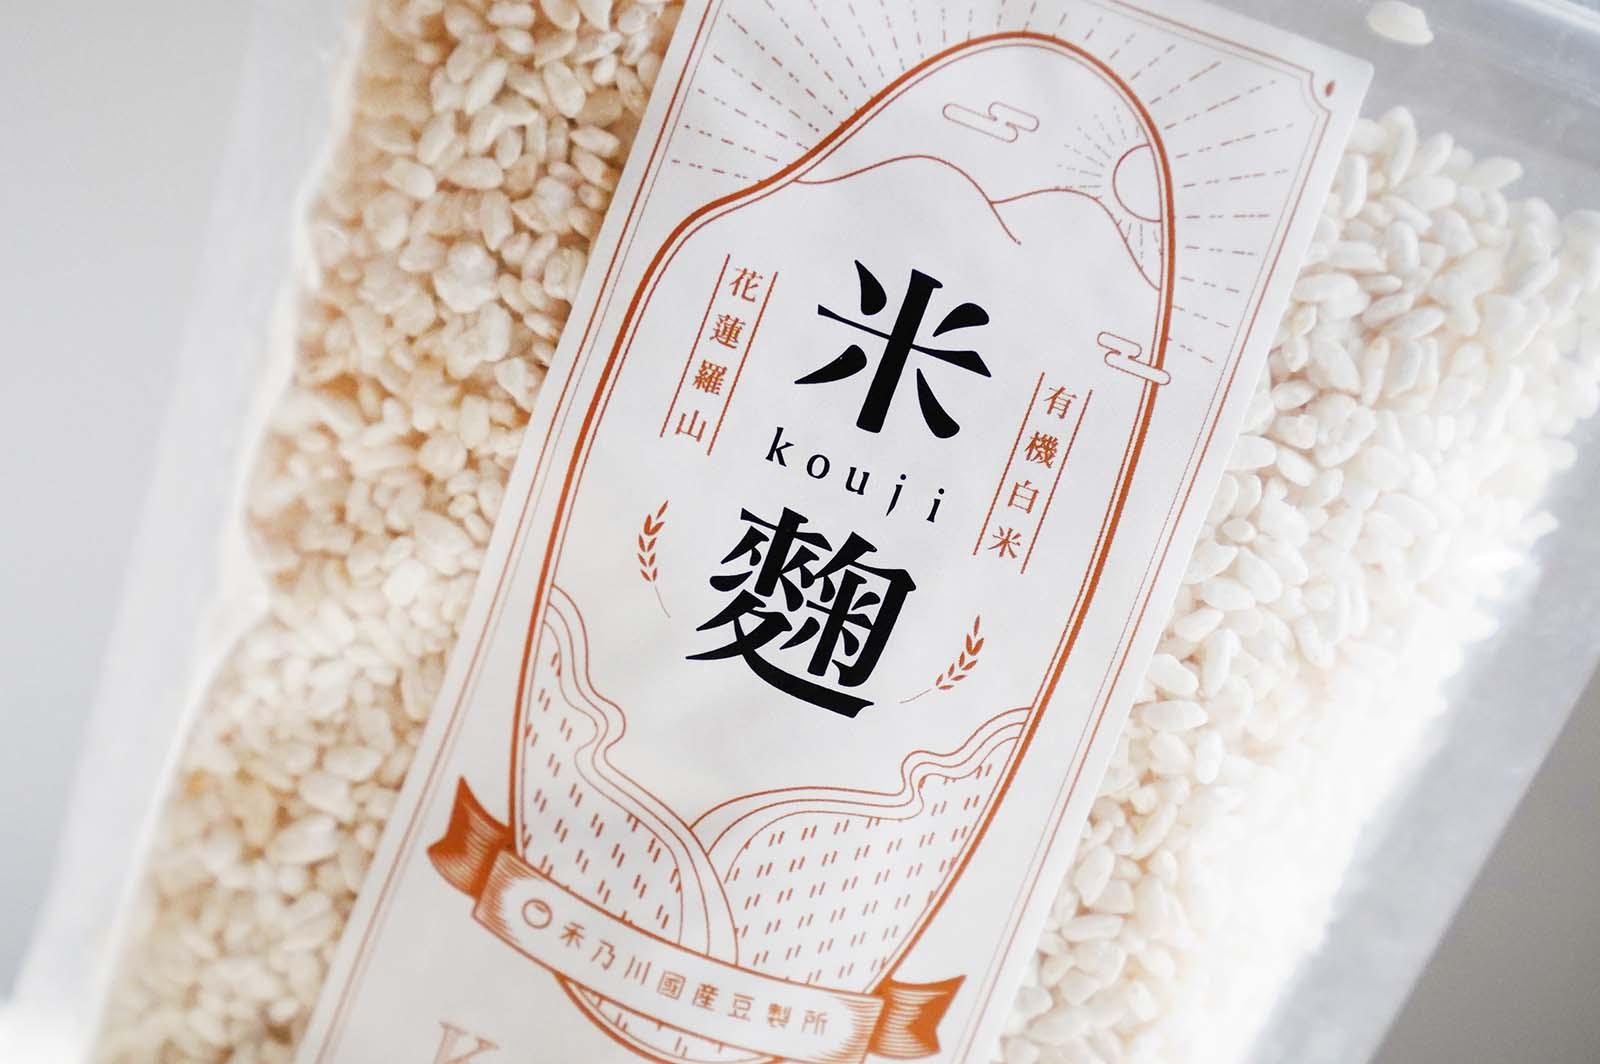 釀酵米麴需要許多耐心培養,禾乃川推出了「禾乃川米麴」,是經由師傅用心的照顧,讓米麴擁有安心的環境可以慢慢長大,並且選用日本300多年味噌老店的優良菌種「糀kouji」,再搭配花蓮羅山有機白米,經過浸泡、蒸熟、播散、翻攪散熱等古法,擁有米麴即可以自己釀造味噌、味醂、醬油、鹽麴和甘酒喔!  | 改變生命的豆漿店